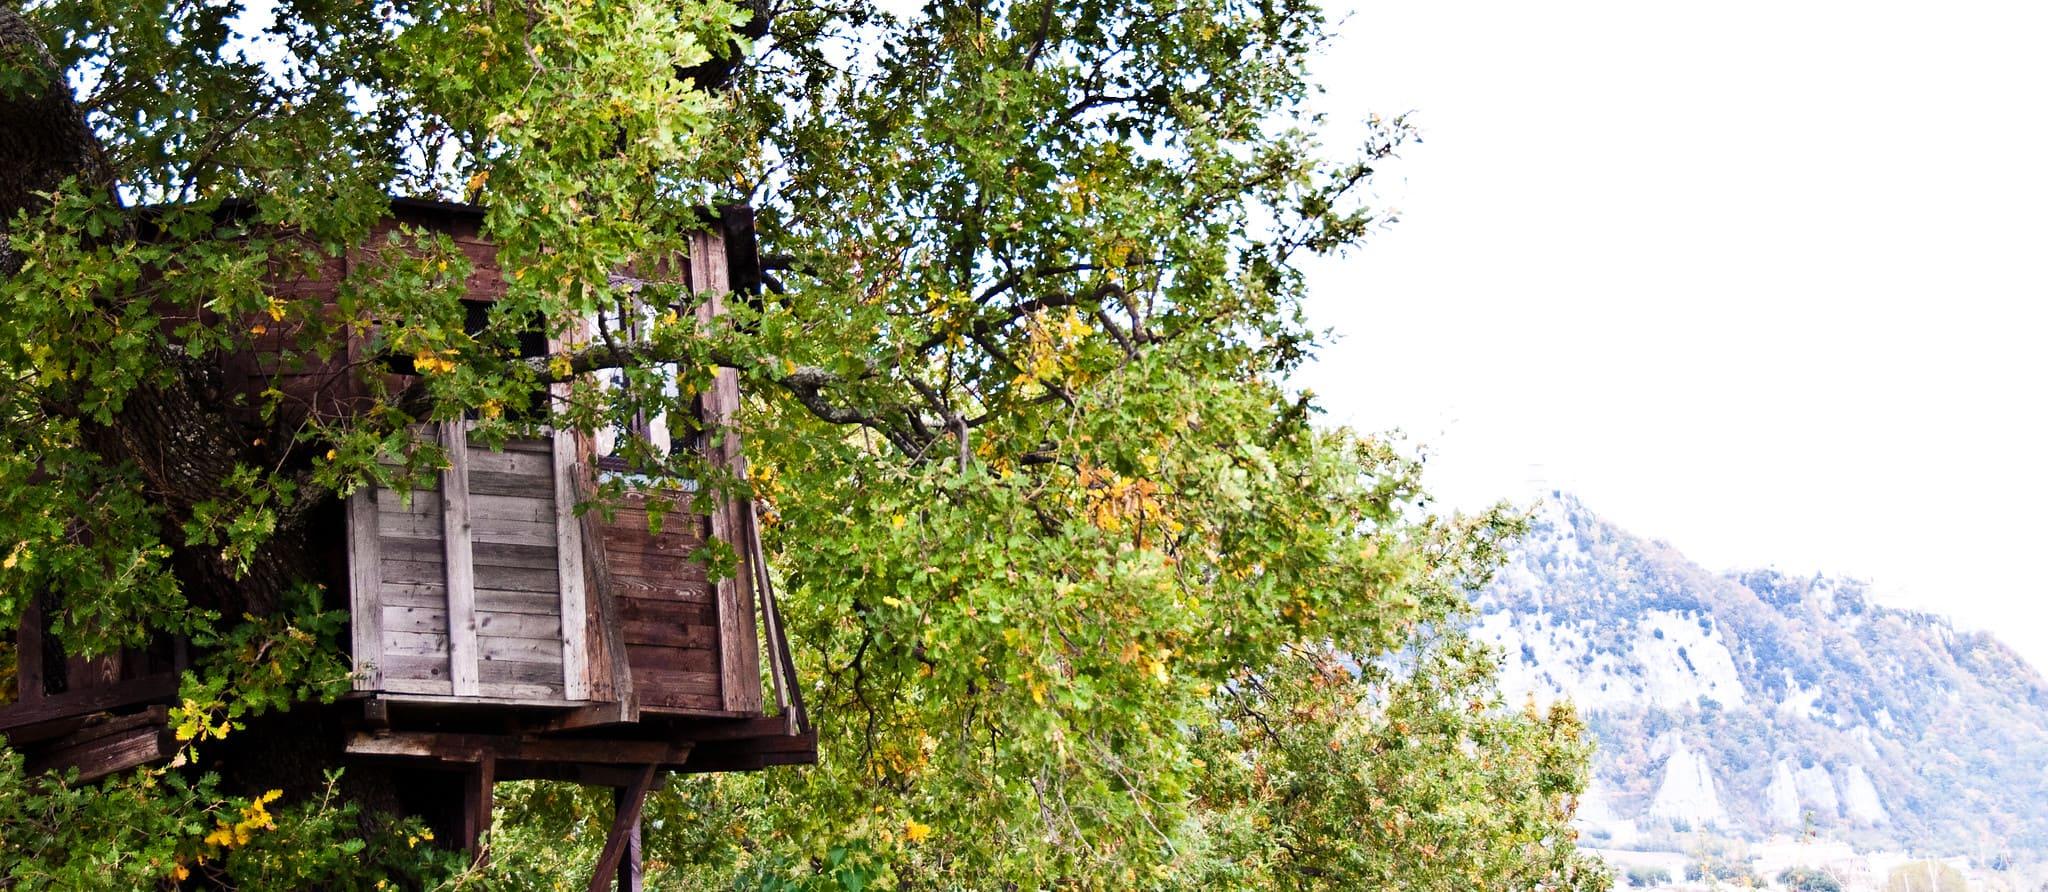 casa sull'albero Piemonte